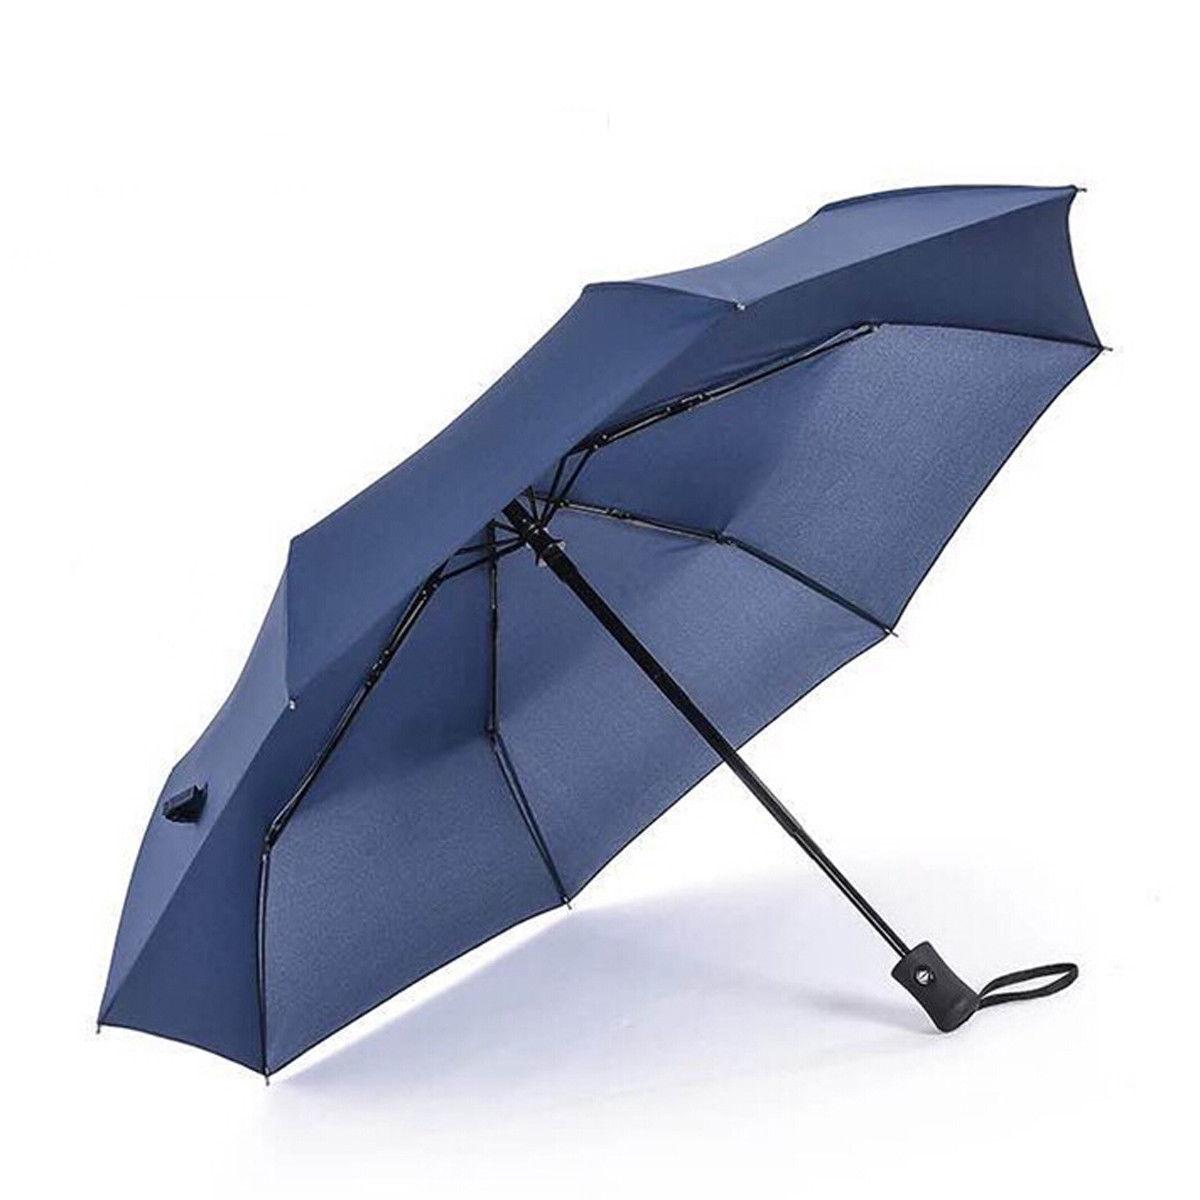 Новое поступление популярный автоматический зонт ветрозащитный мужской черный Компактный широкий автоматический открытый закрытый легкий - Цвет: Синий